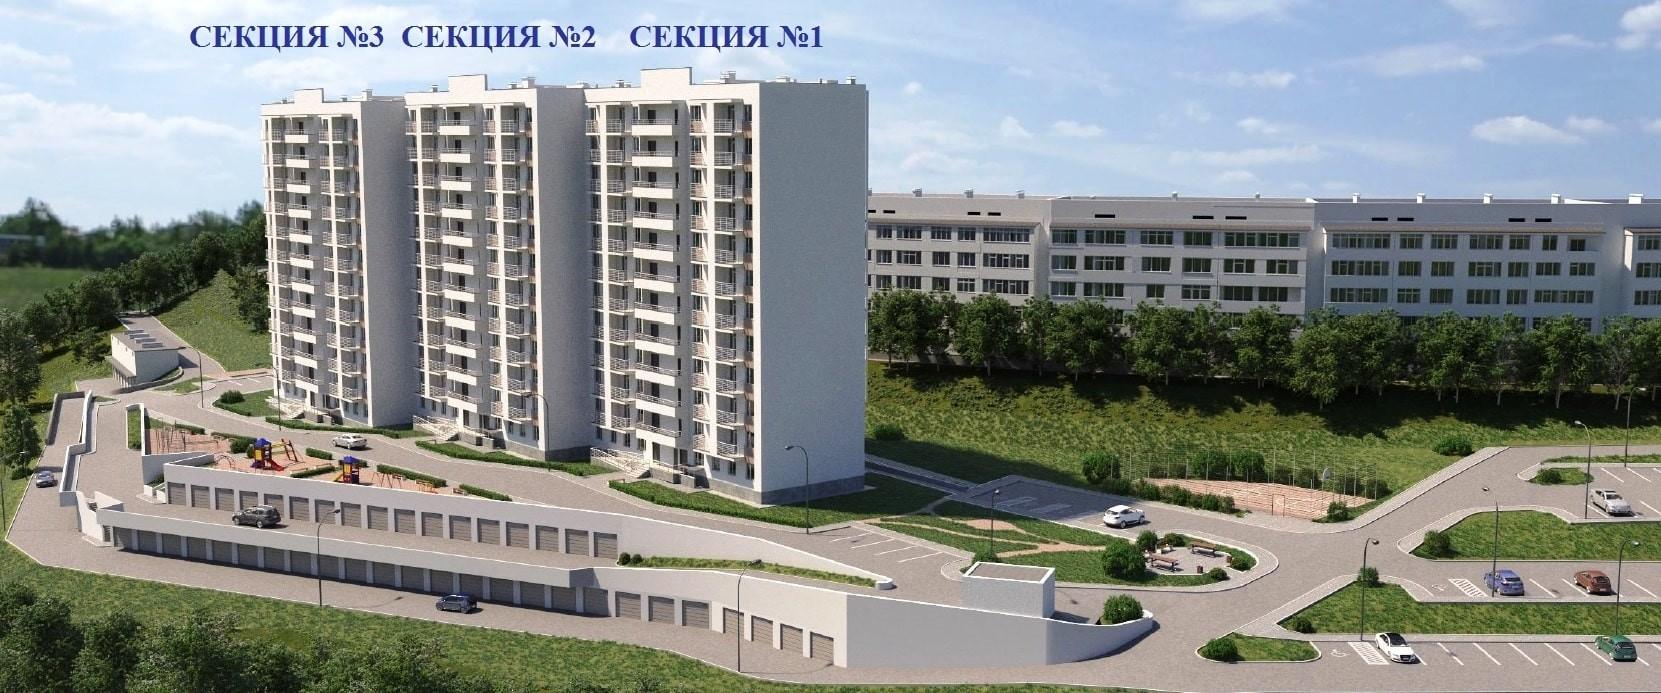 В Севастополе суд отменил строительство опасного жилого комплекса